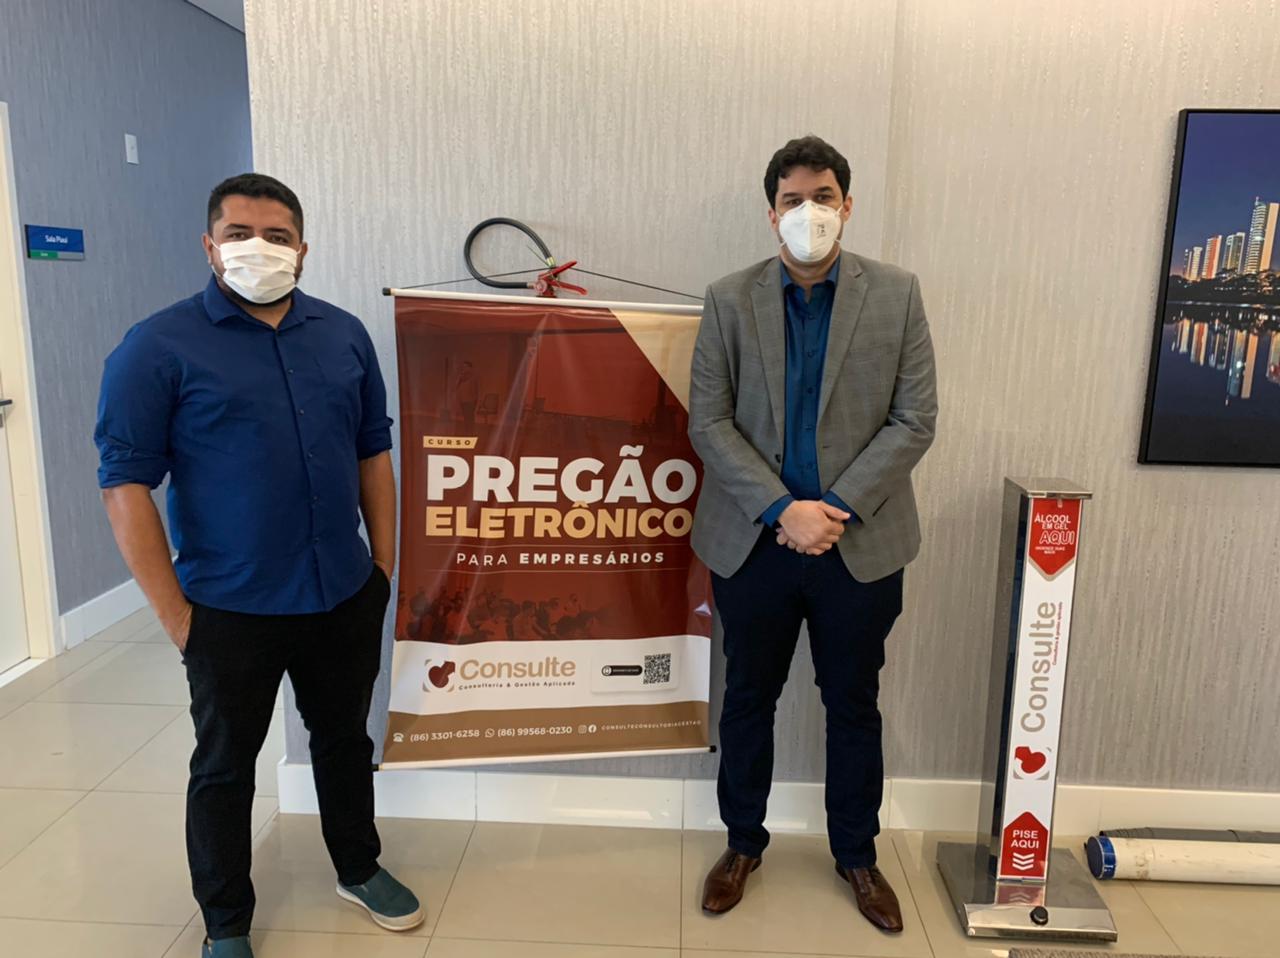 Consultores Malcon Barbosa e Andros Renquel   FOTO: Divulgação